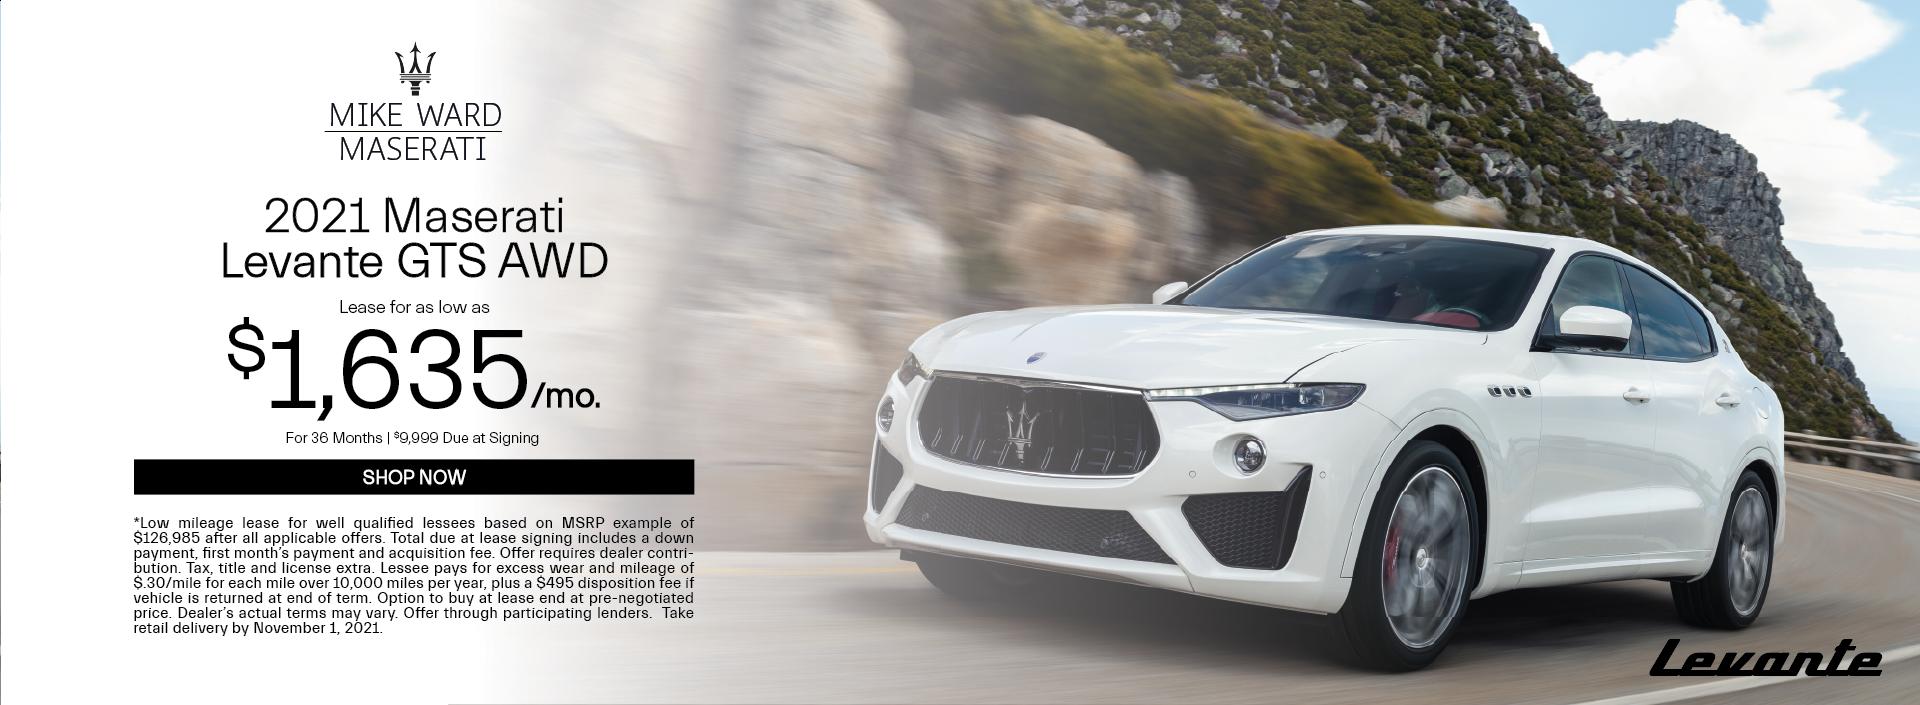 2021 Maserati Levante GTS